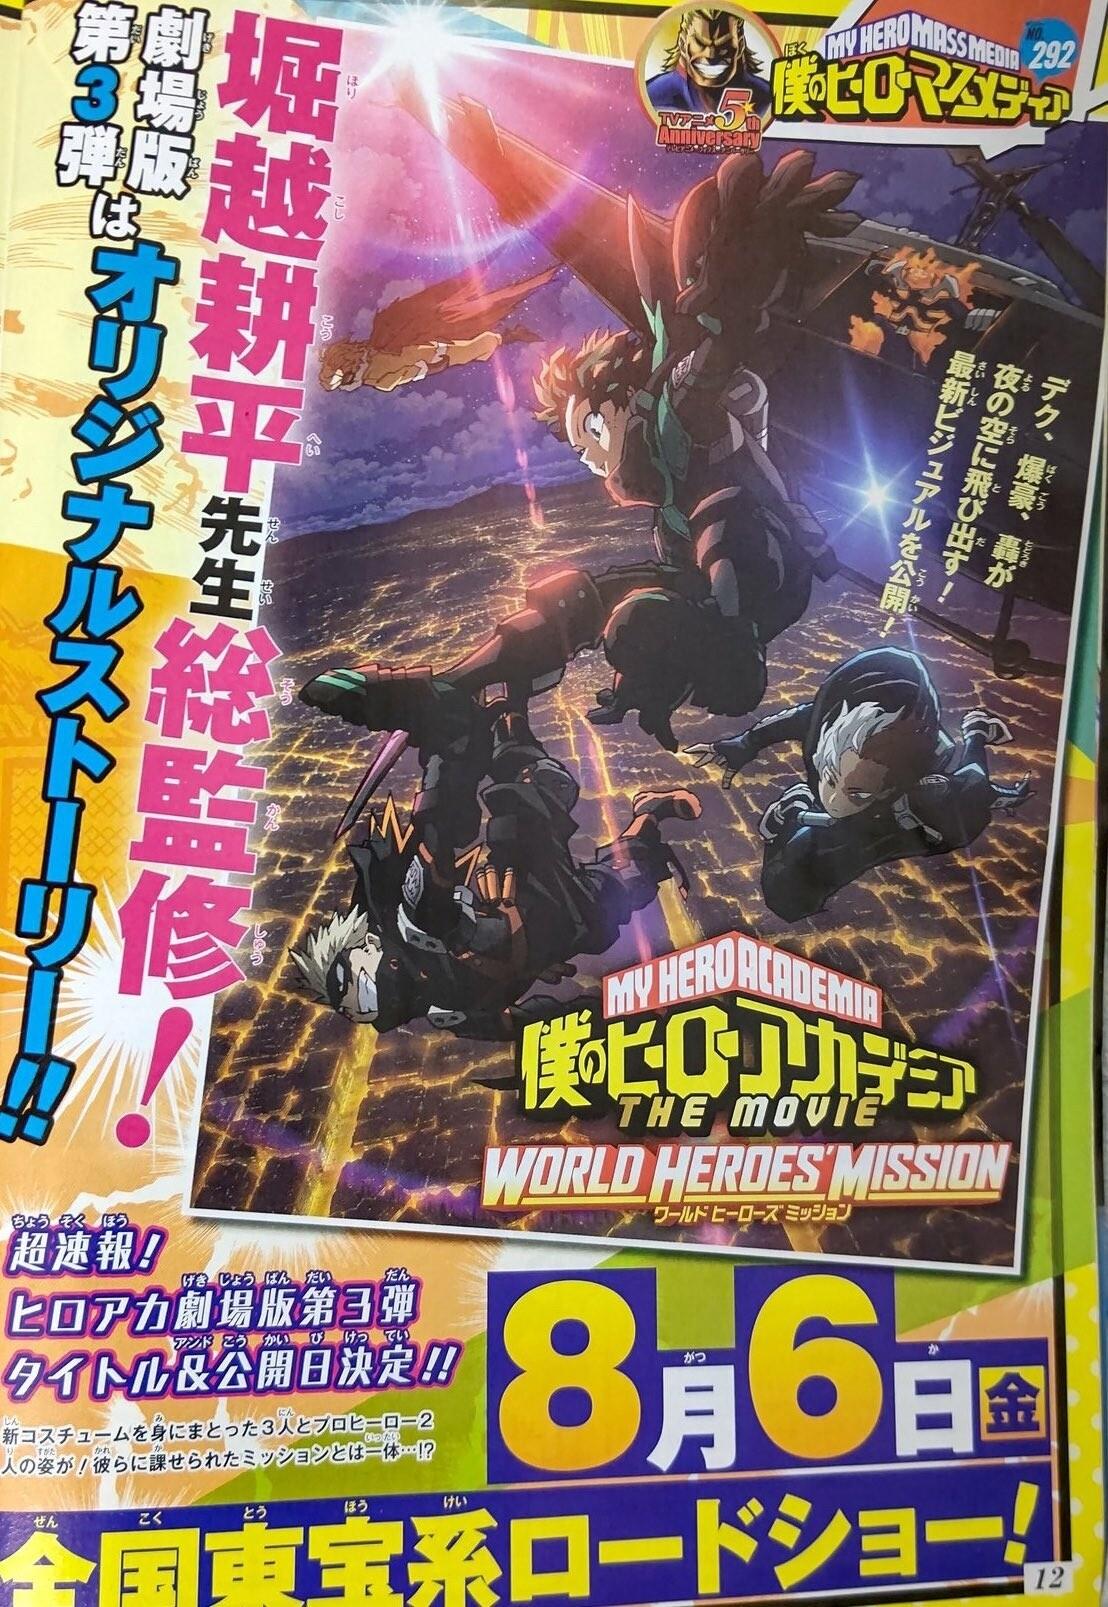 Близится финал манги Моя геройская академия, но не аниме третий фильм покажут 6 августа